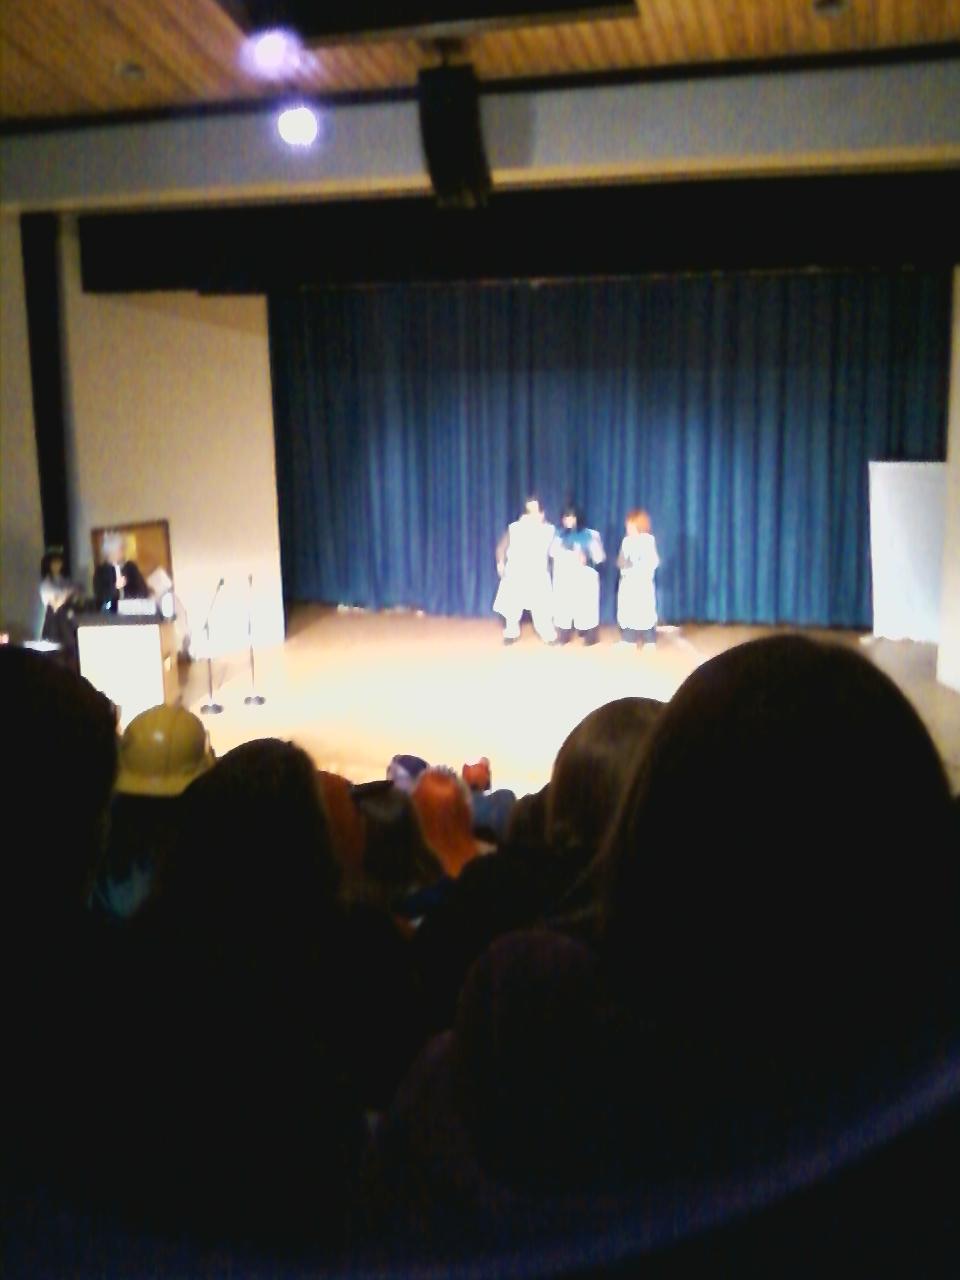 Monty Python by regates